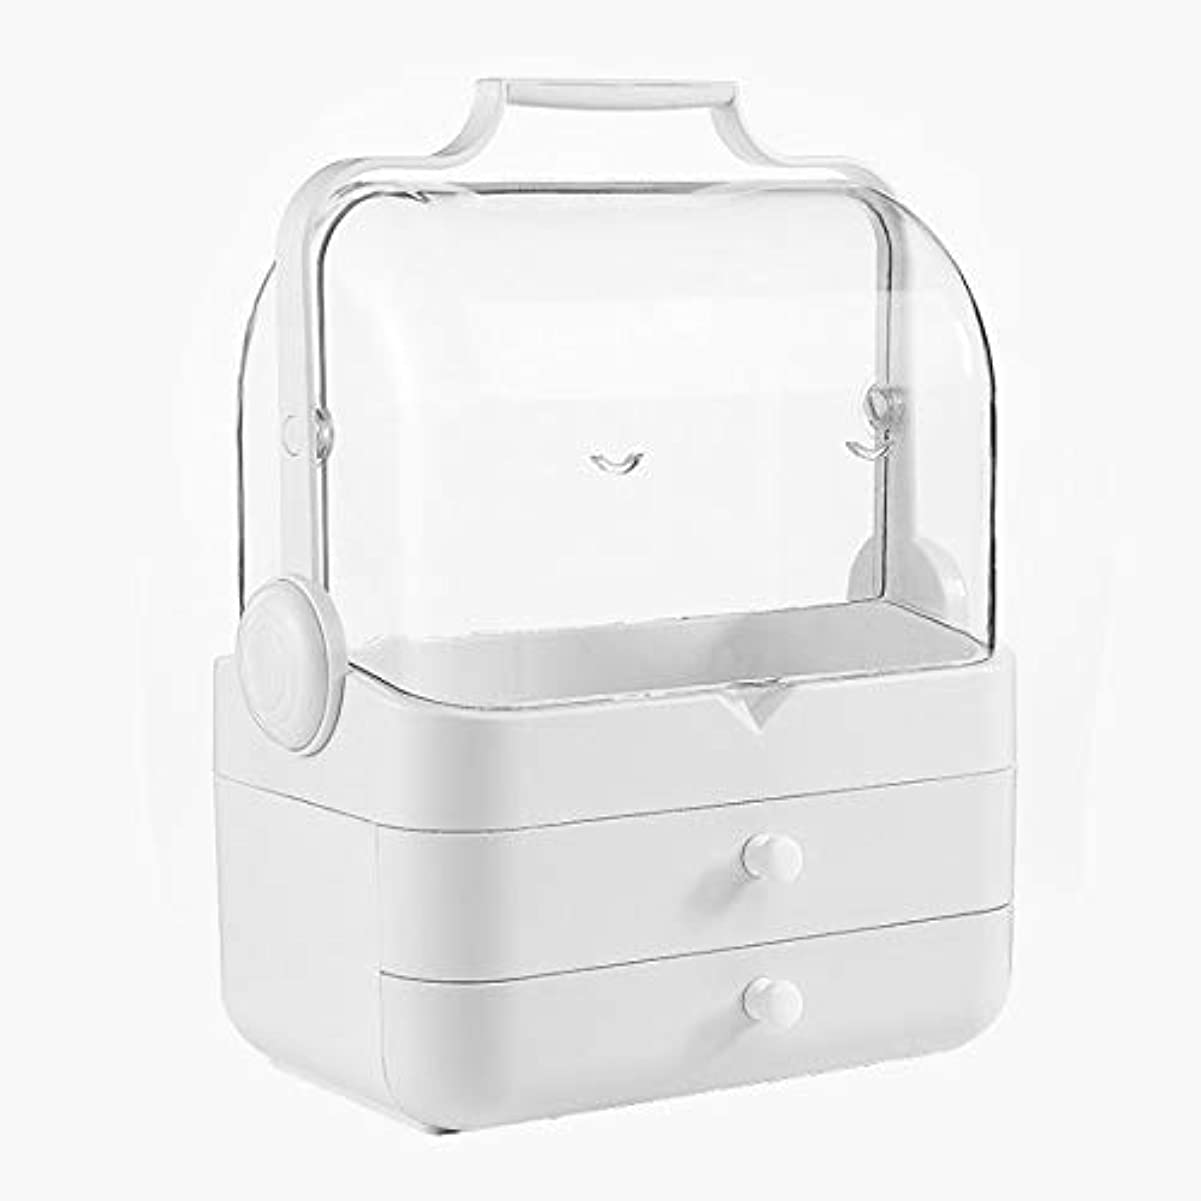 グラス切り離すアマチュア化粧箱、白い大容量フリップ防塵化粧品ケース、ポータブル旅行化粧品ケース、美容ネイルジュエリー収納ボックス